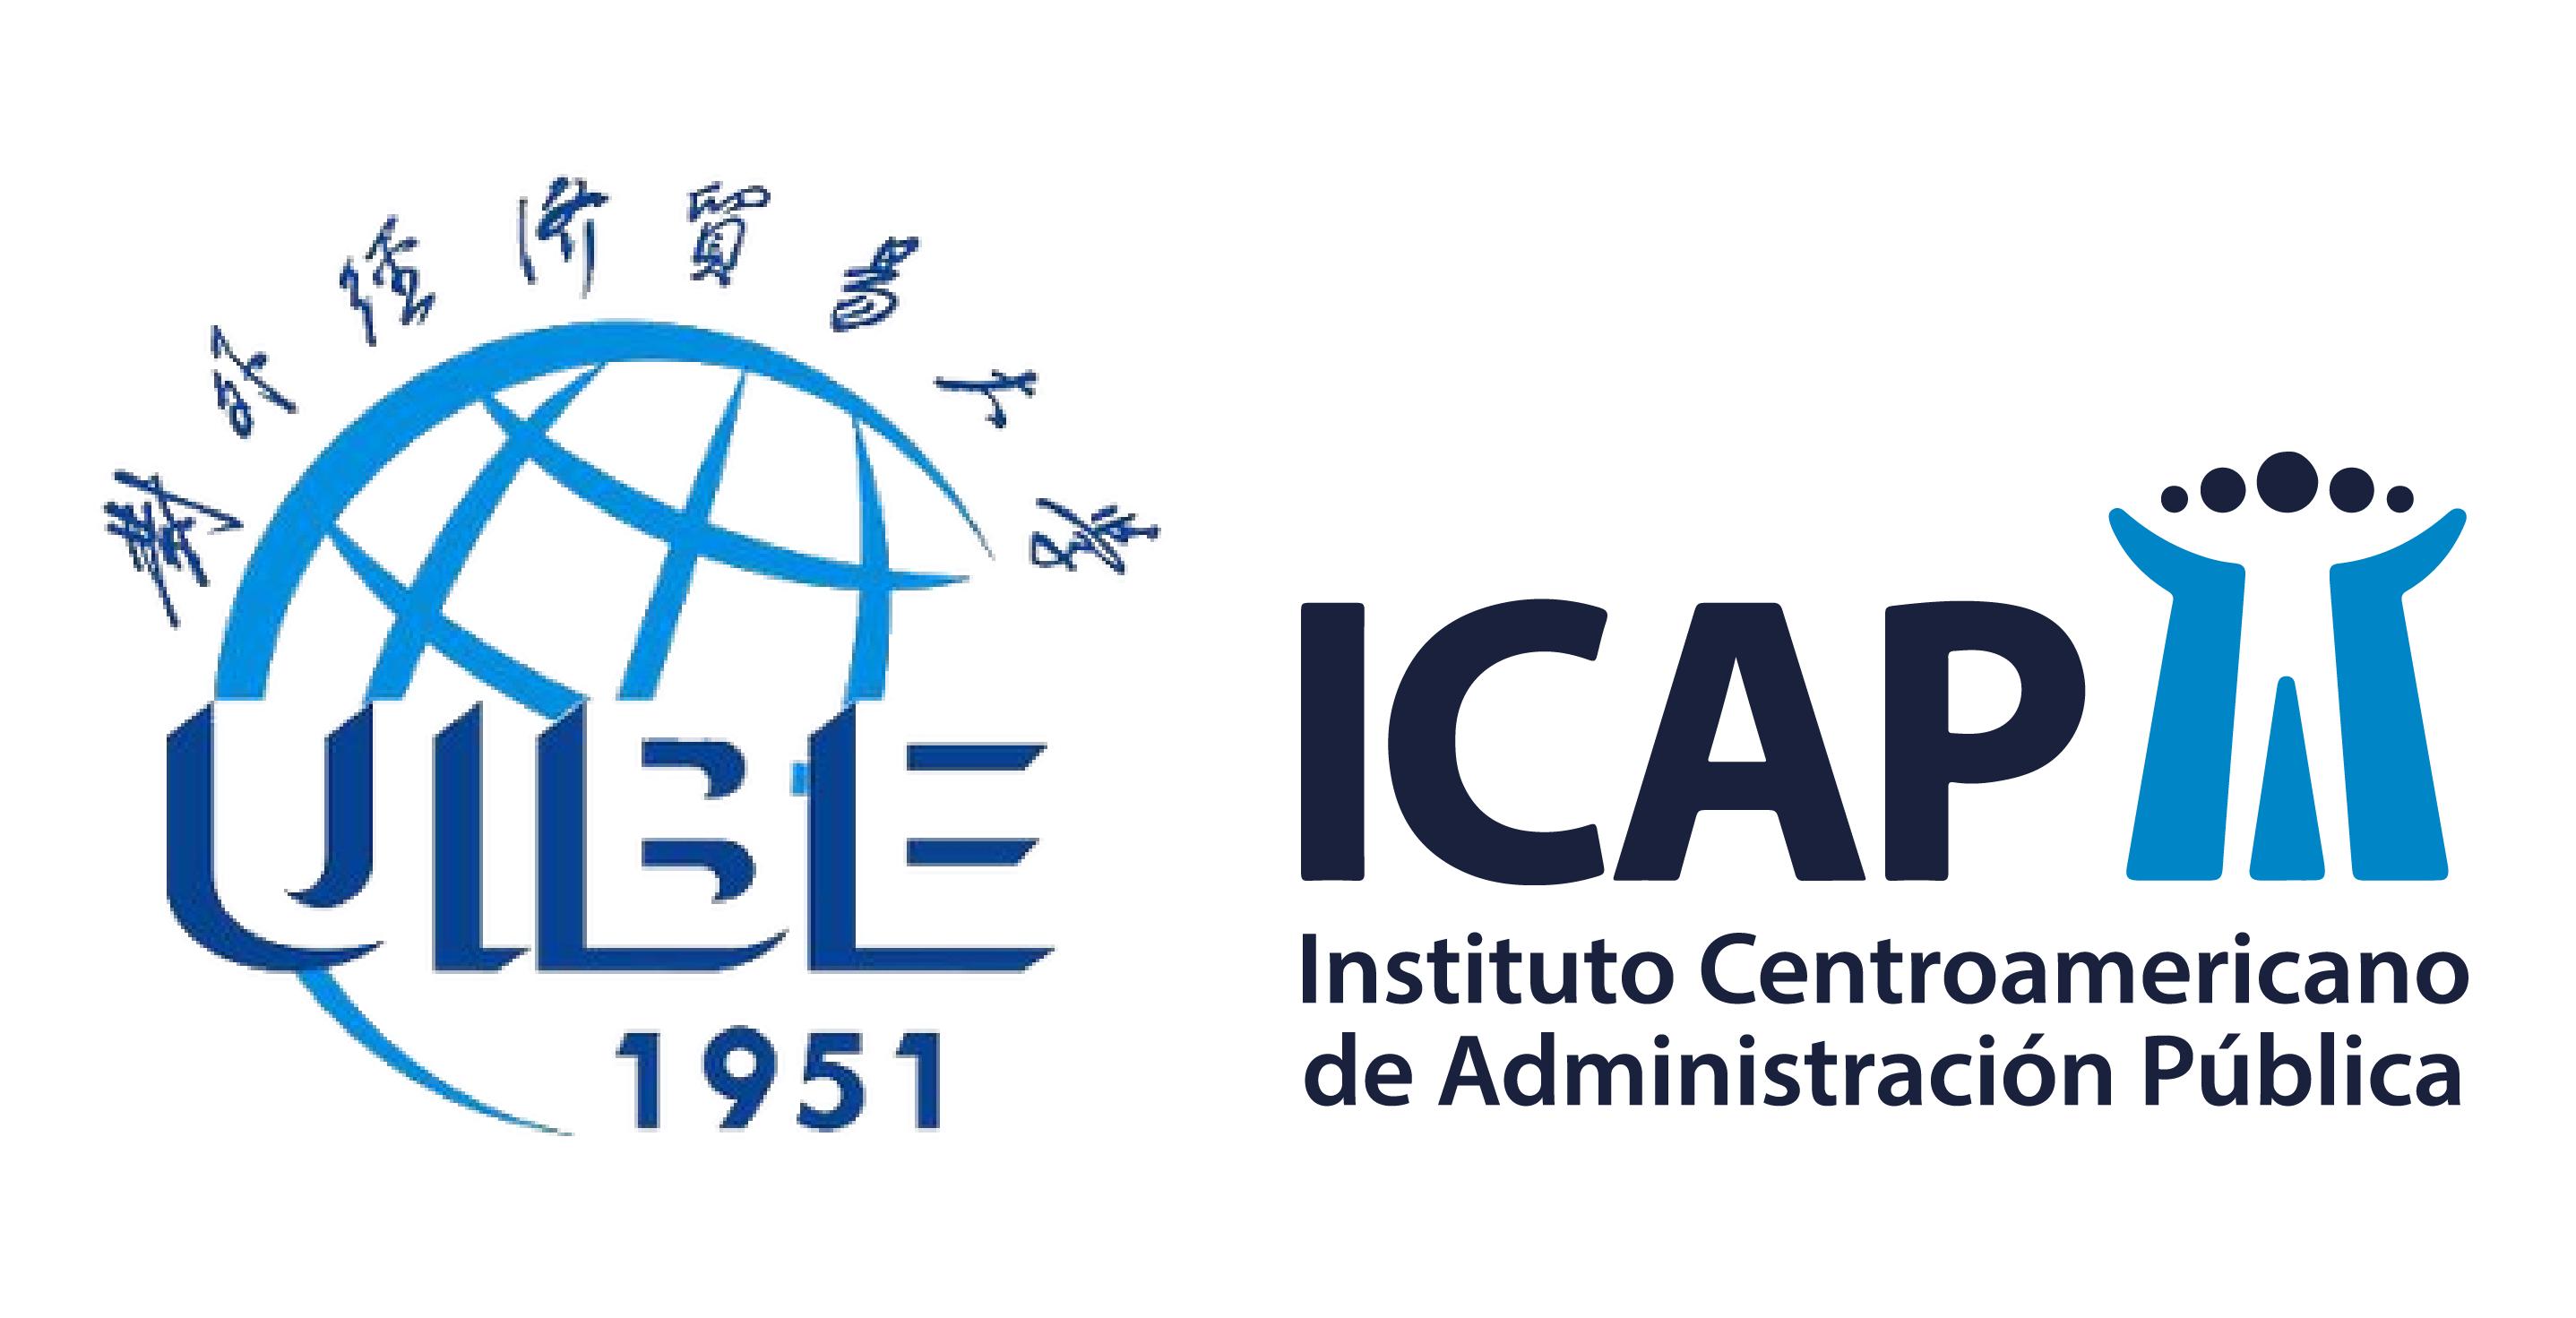 ICAP y la Universidad de Economía y Negocios Internacionales, abrirán espacios para promover investigación científica y el intercambio académico